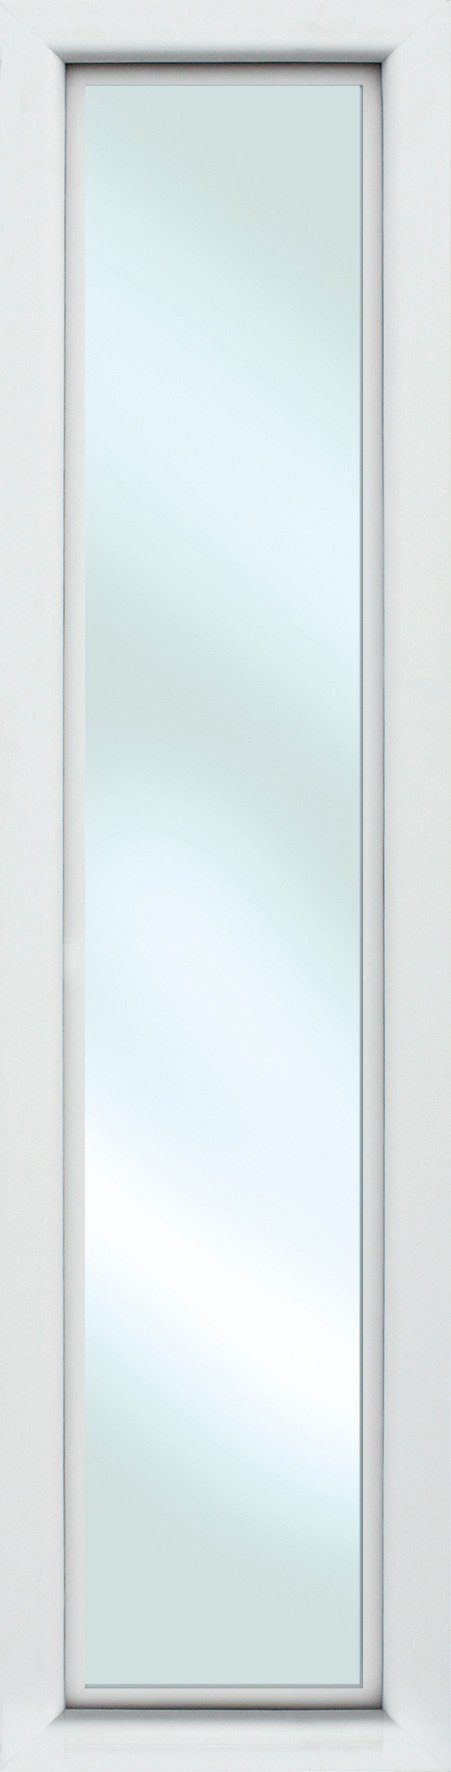 KM MEETH ZAUN GMBH Seitenteile »S01«, für Alu-Haustür, BxH: 60x208 cm, weiß